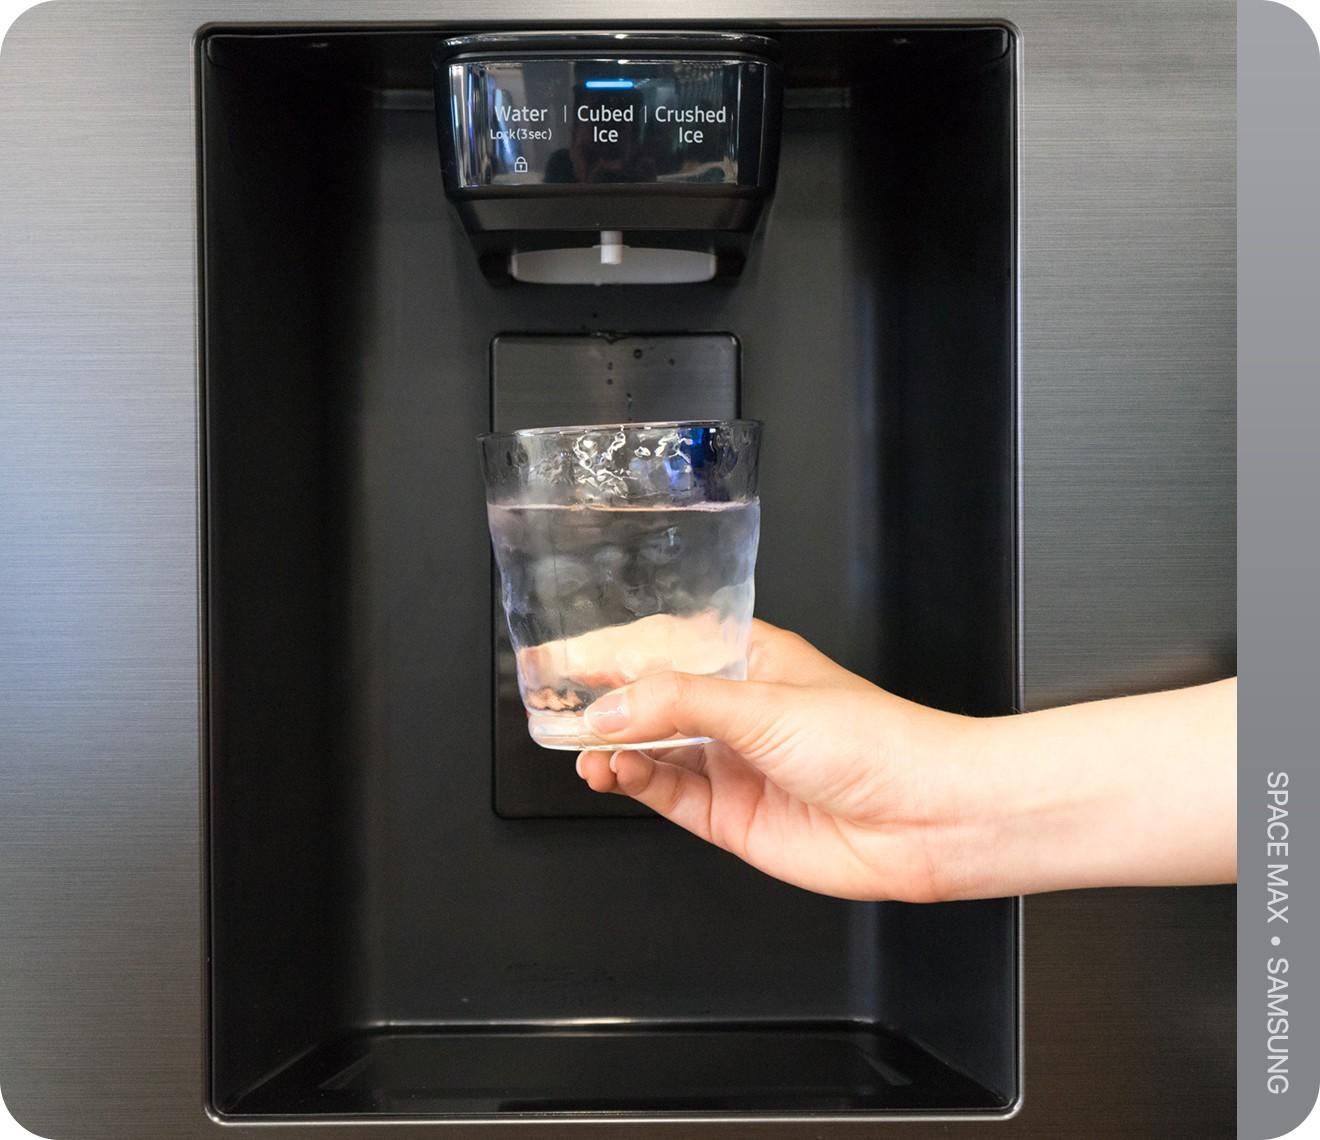 Chiếc tủ lạnh mới của Samsung đã giải quyết trọn vẹn nhu cầu của người dùng như thế nào - Ảnh 8.